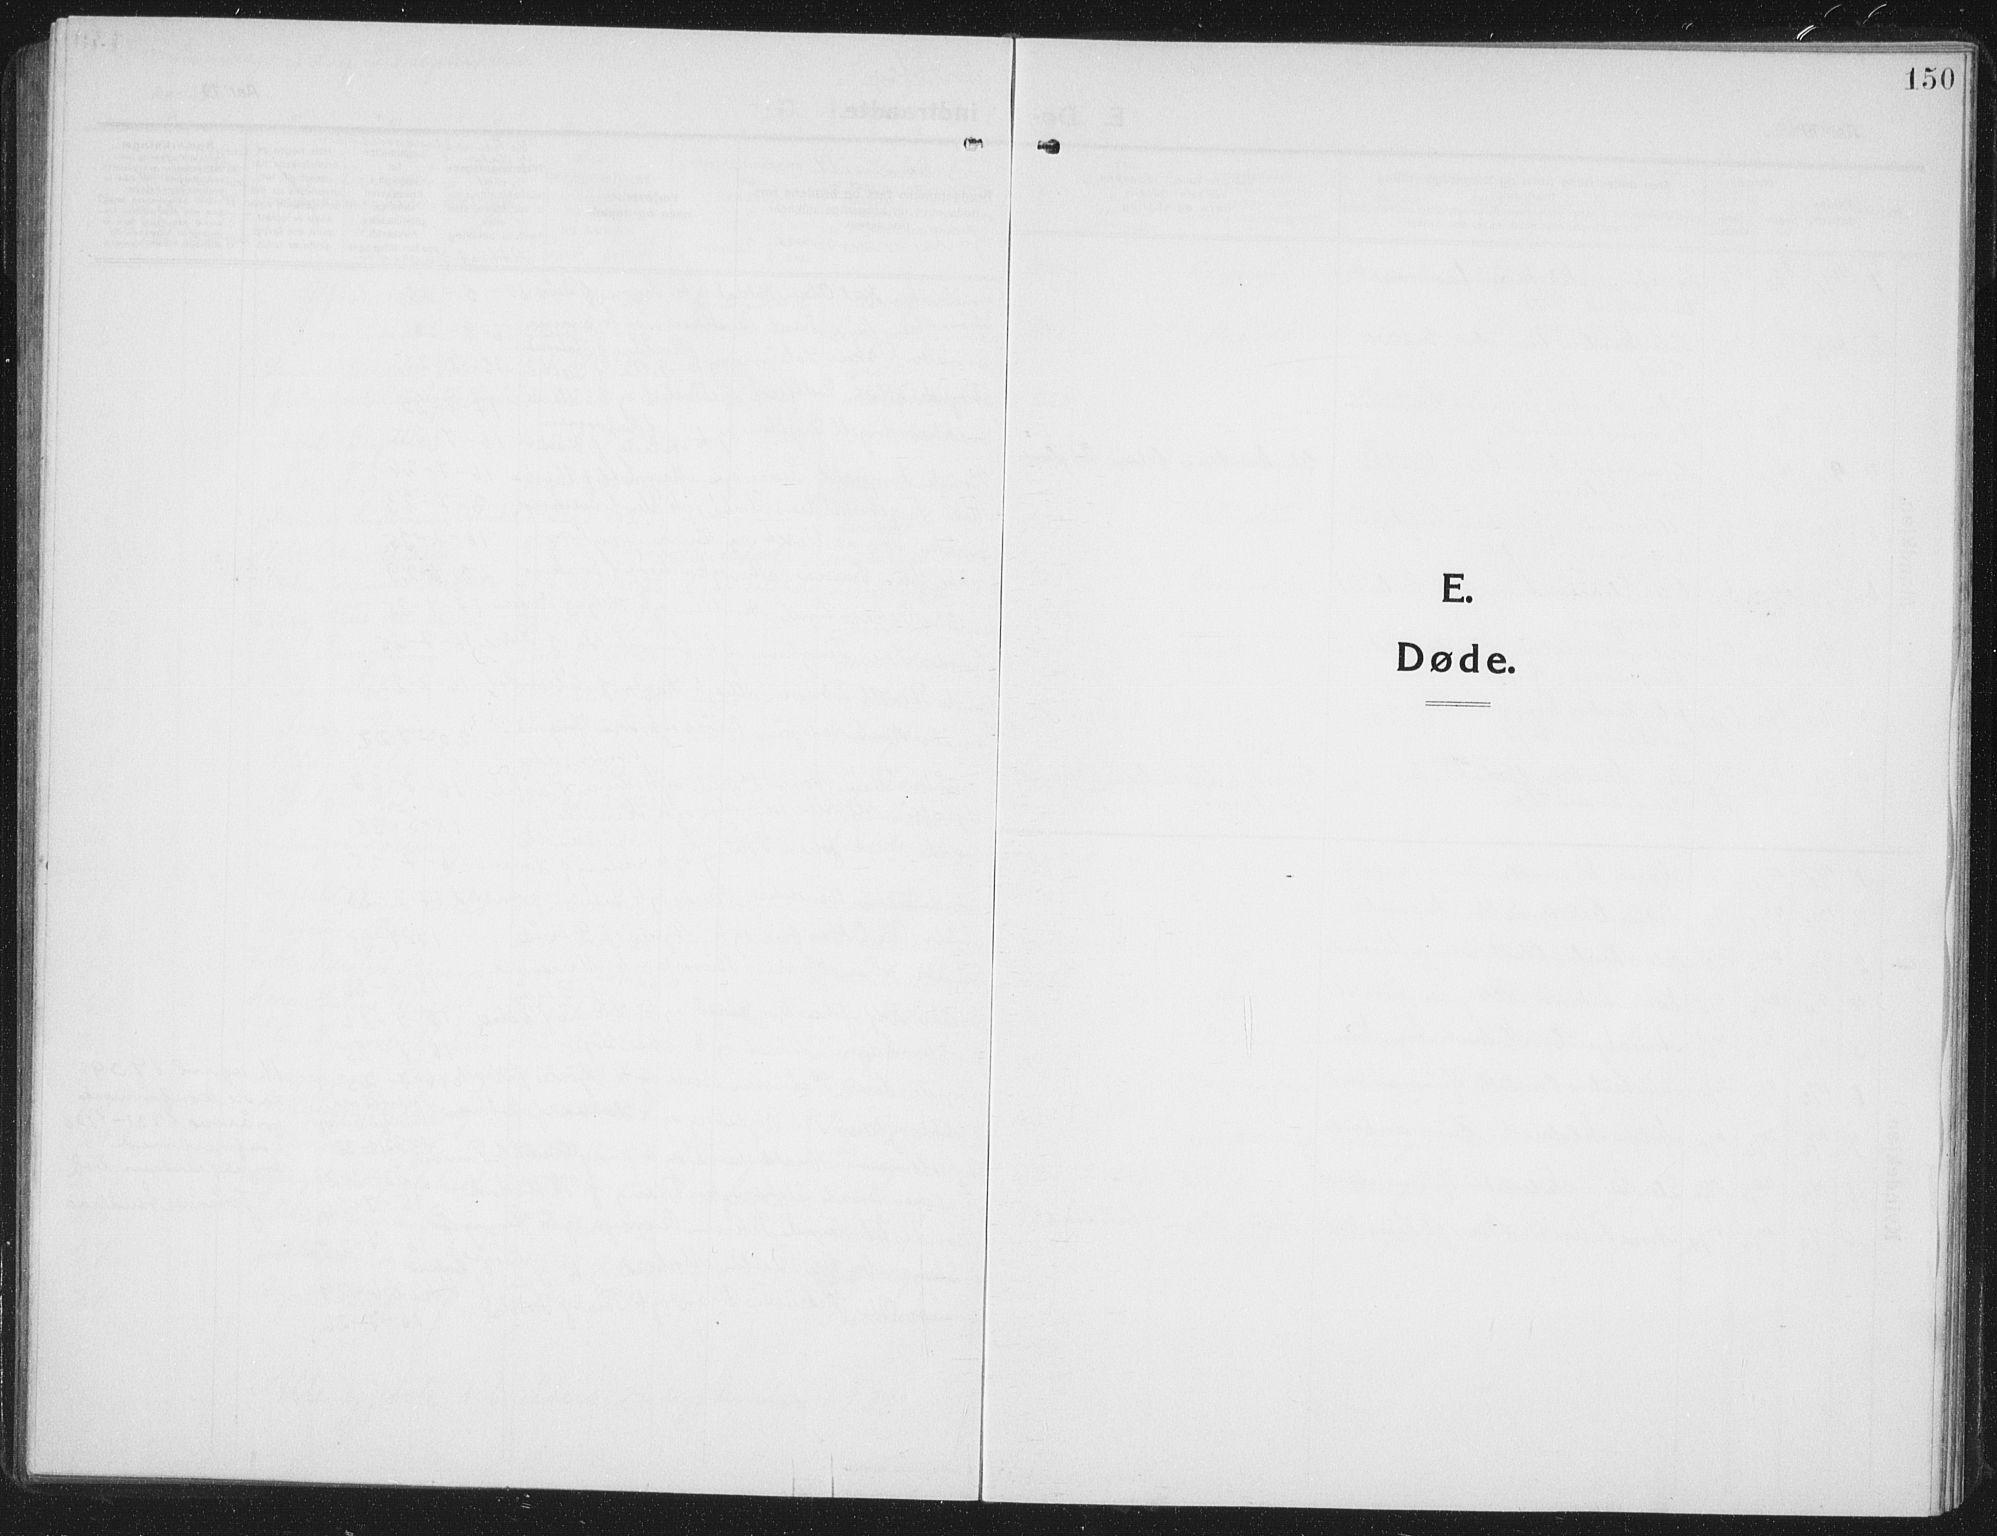 SAT, Ministerialprotokoller, klokkerbøker og fødselsregistre - Nord-Trøndelag, 742/L0413: Klokkerbok nr. 742C04, 1911-1938, s. 150